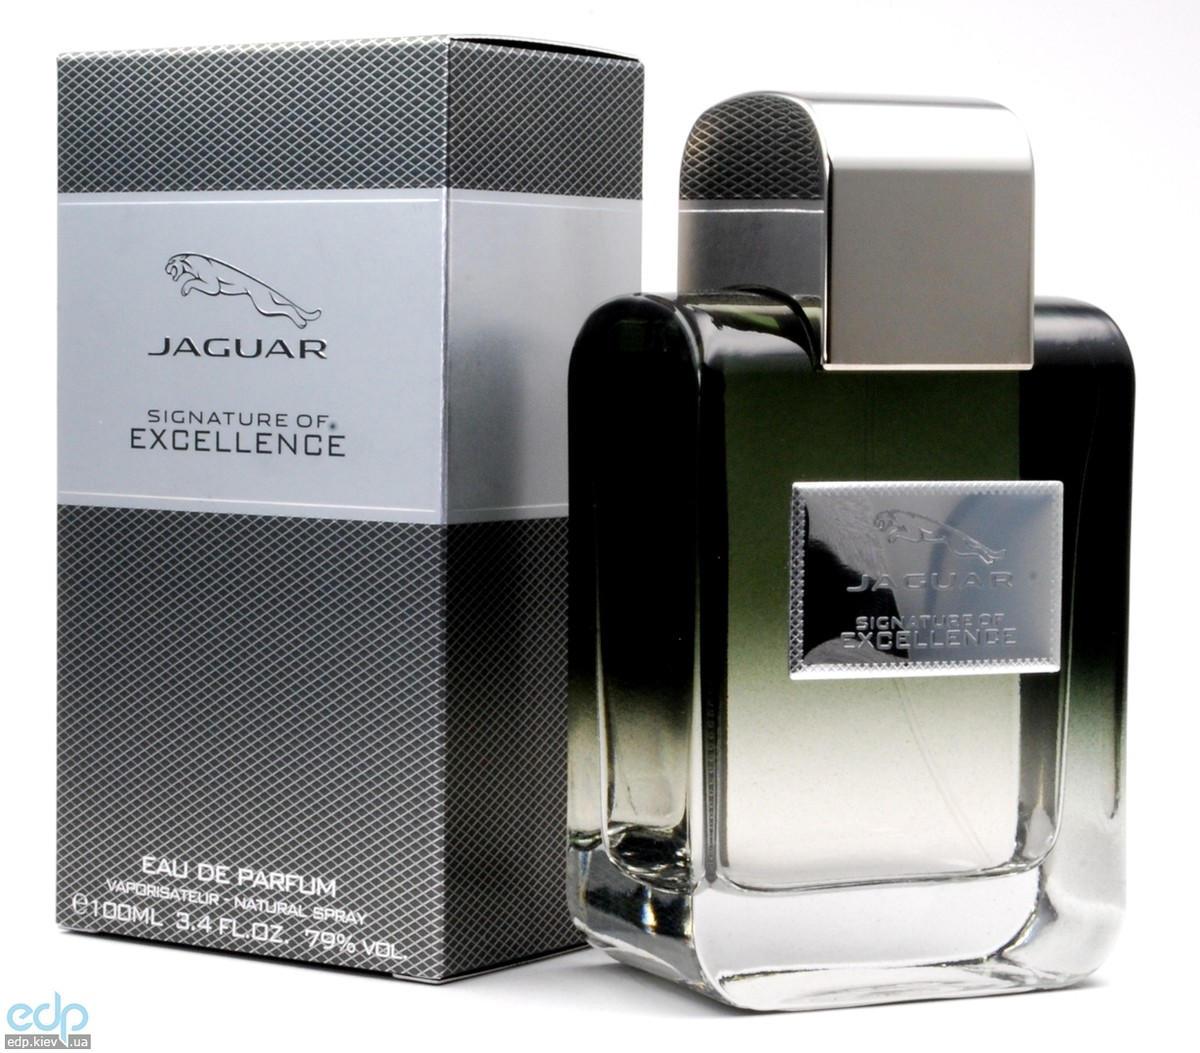 Jaguar Signature of Excellence